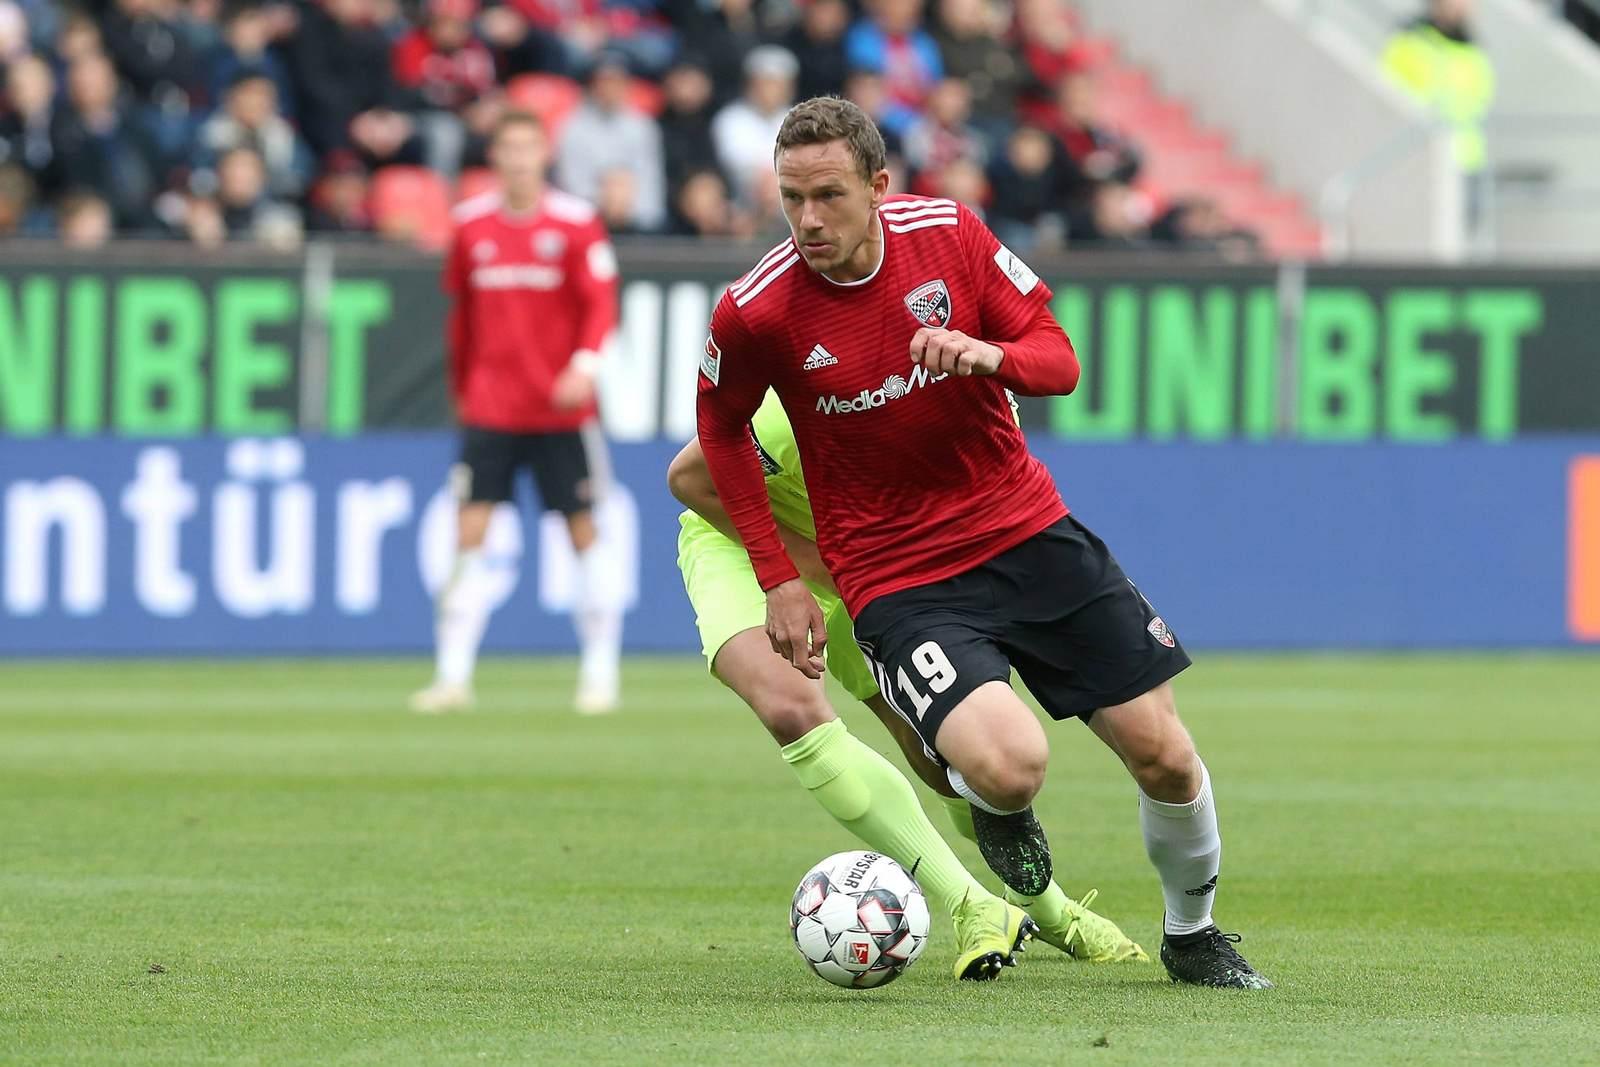 Marcel Gaus am Ball für den FC Ingolstadt